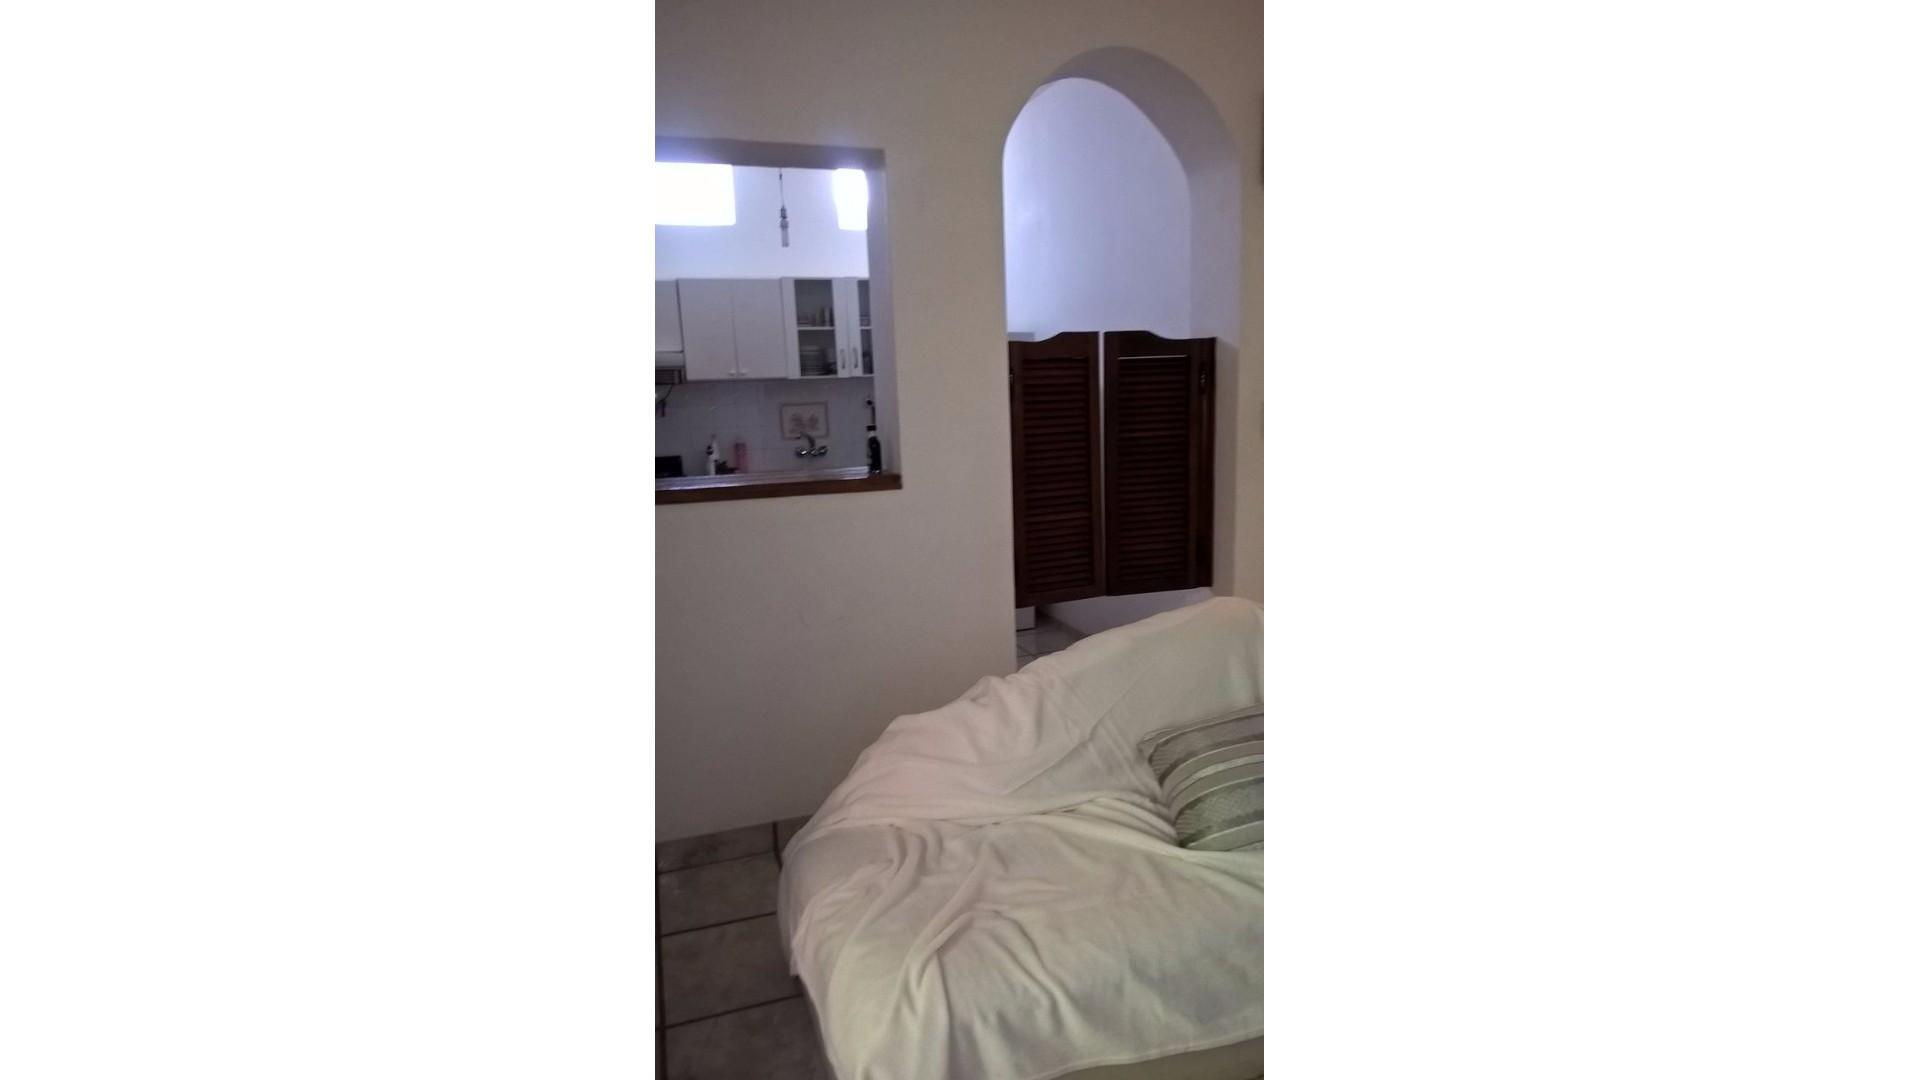 Ph - 49 m² | 1 dormitorio | 42 años